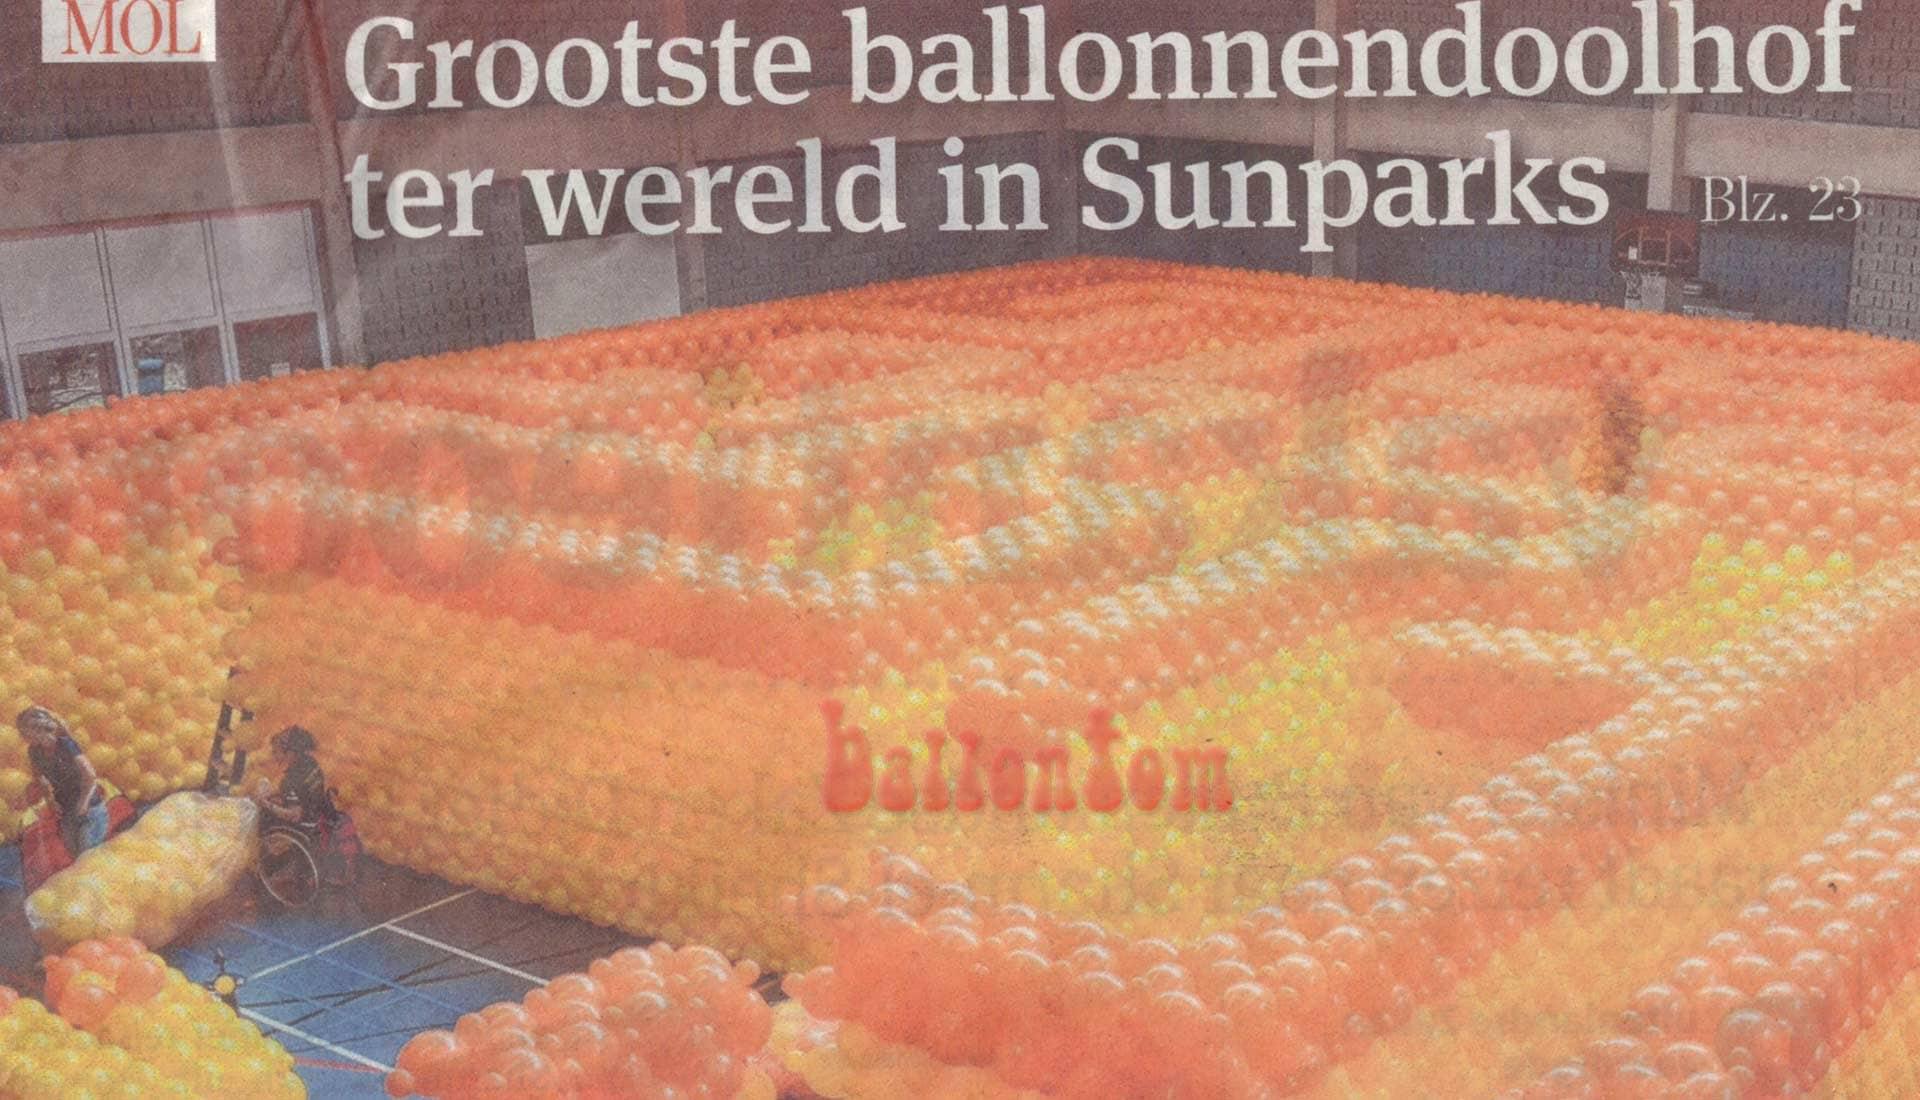 Weltrekord! Größtes Ballonlabyrinth mit über 100.000 Ballons mit ballontom - Medienresonanz Belgien